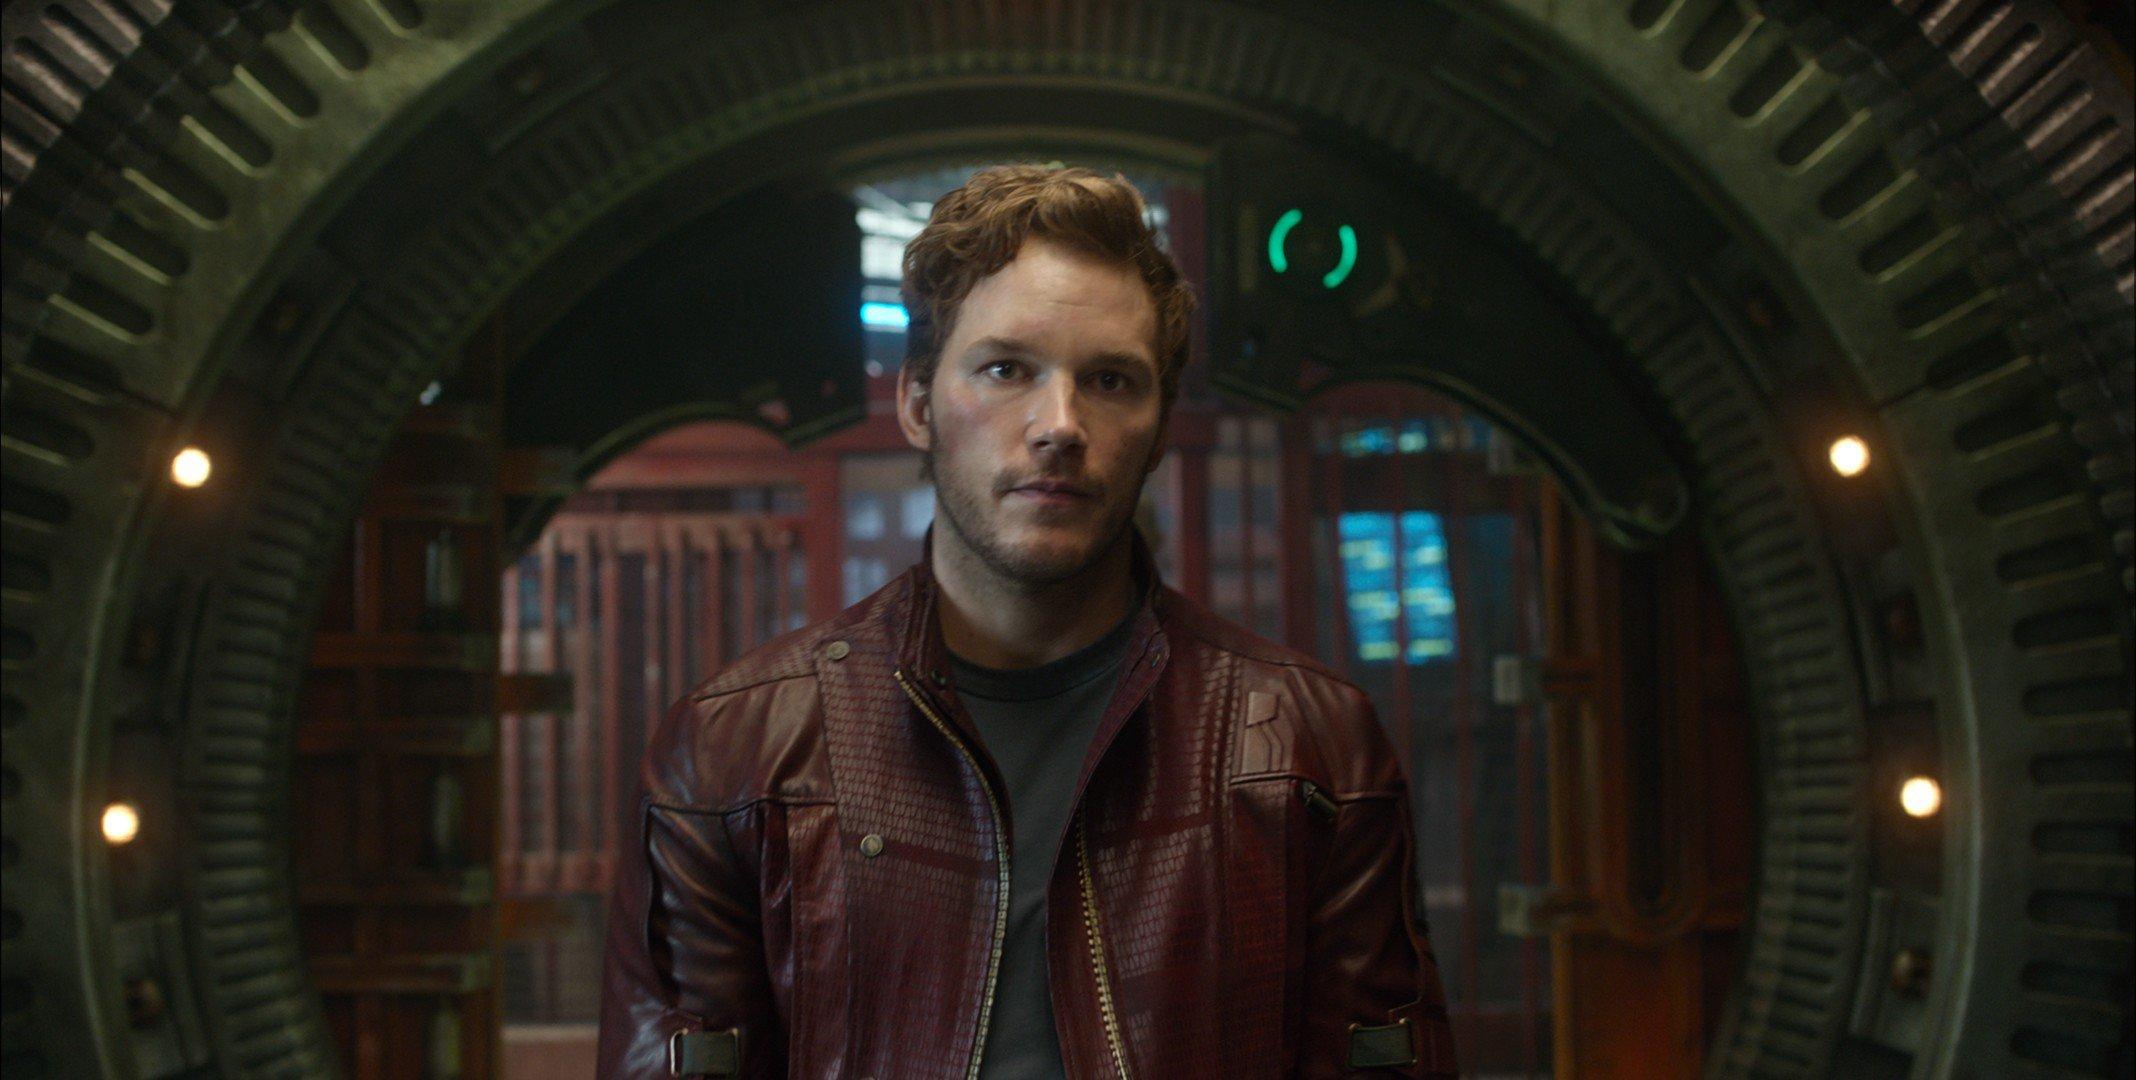 СМИ: Крис Пратт сыграет Звездного лорда в «Торе: Любовь и гром»